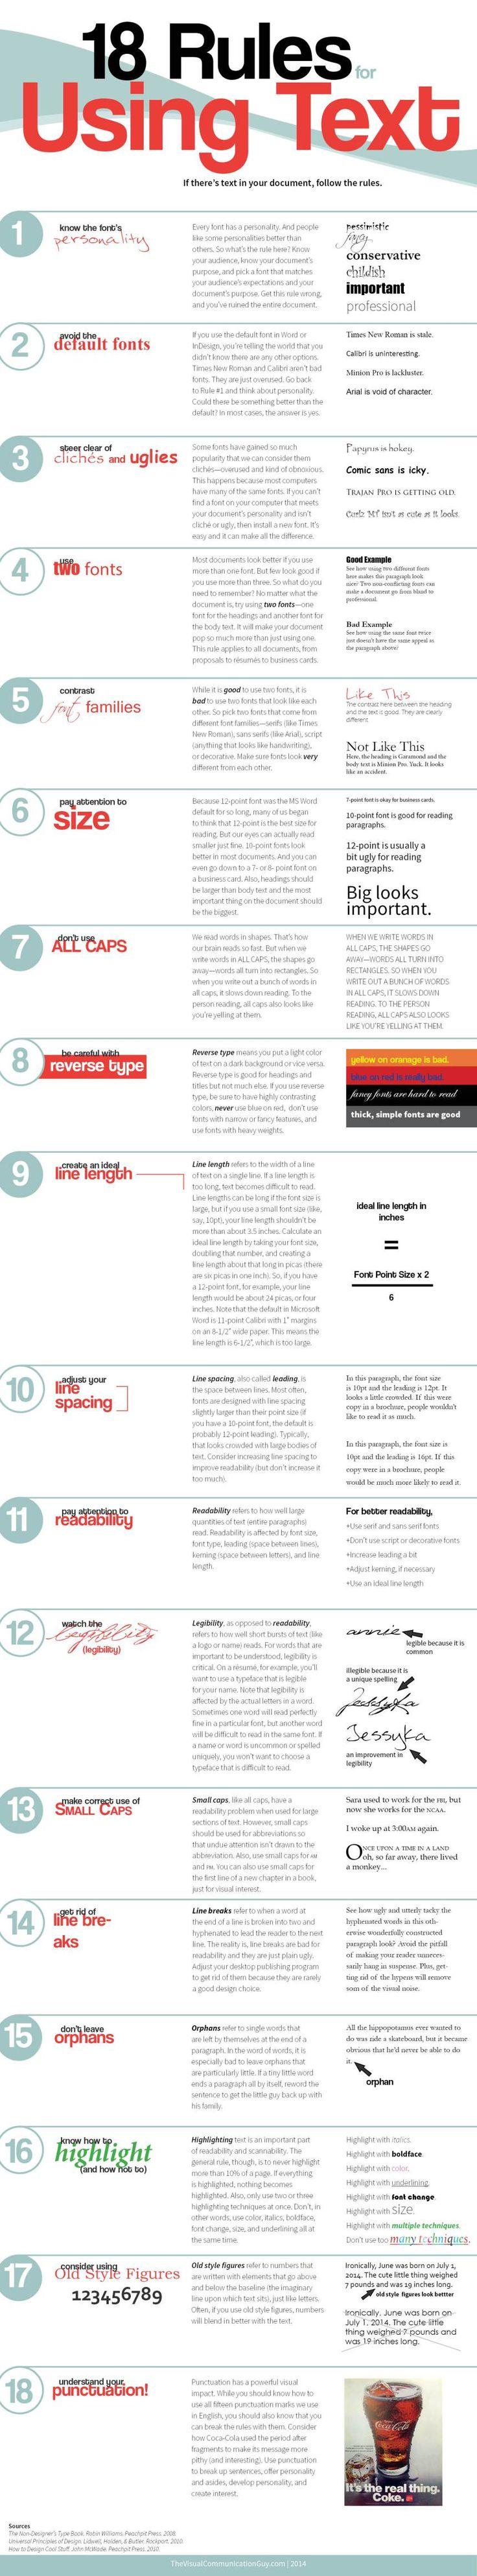 18 reglas para usar texto #infografia #infographic #desgin